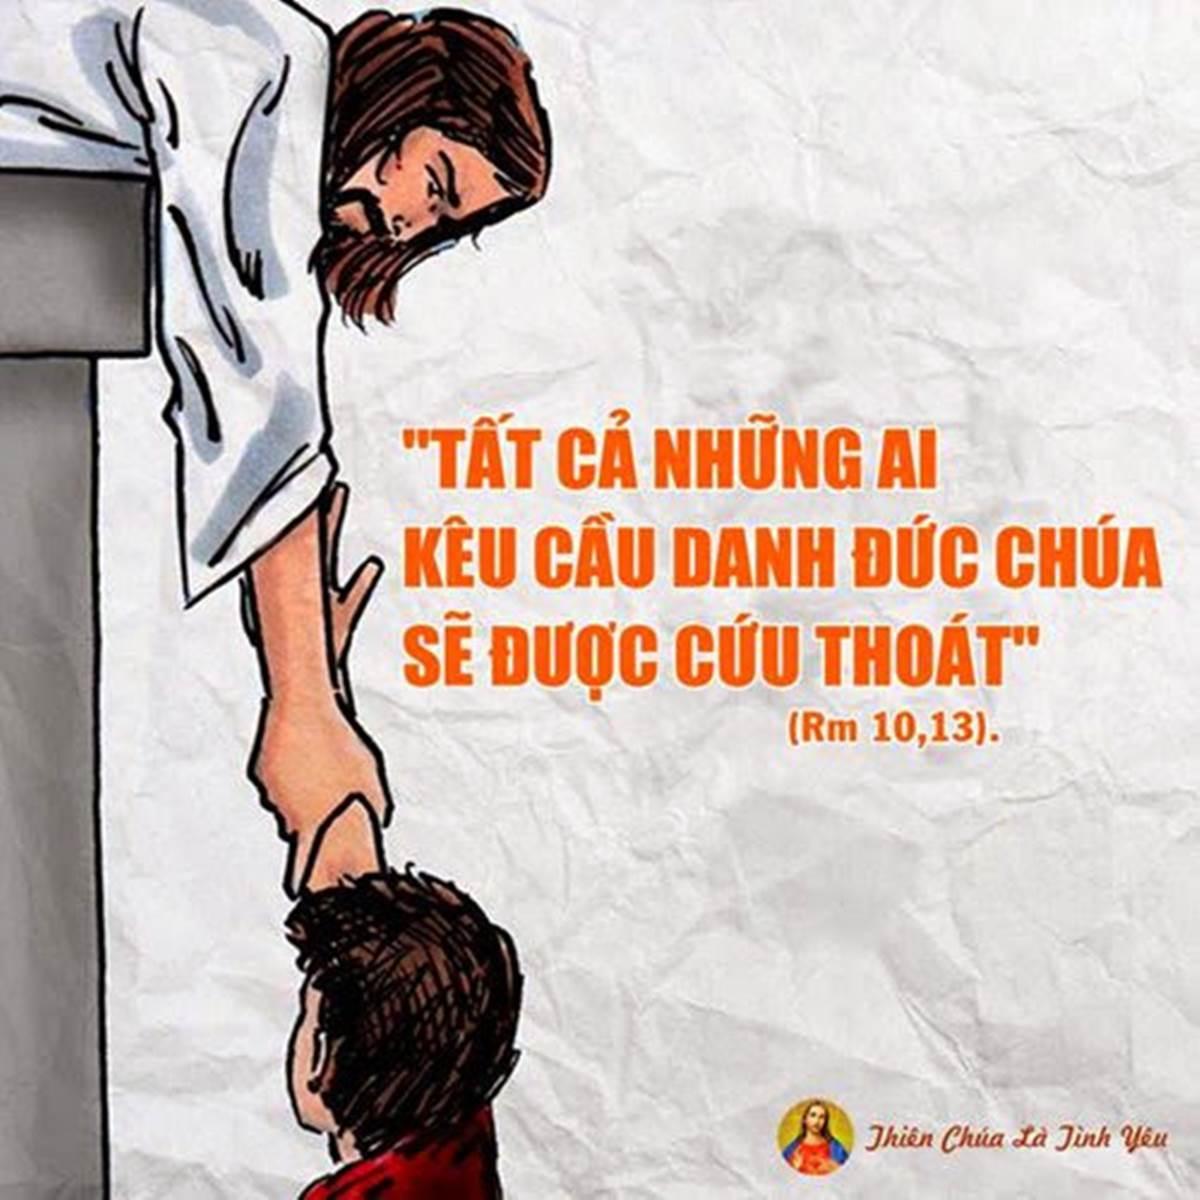 kêu cầu danh Chúa